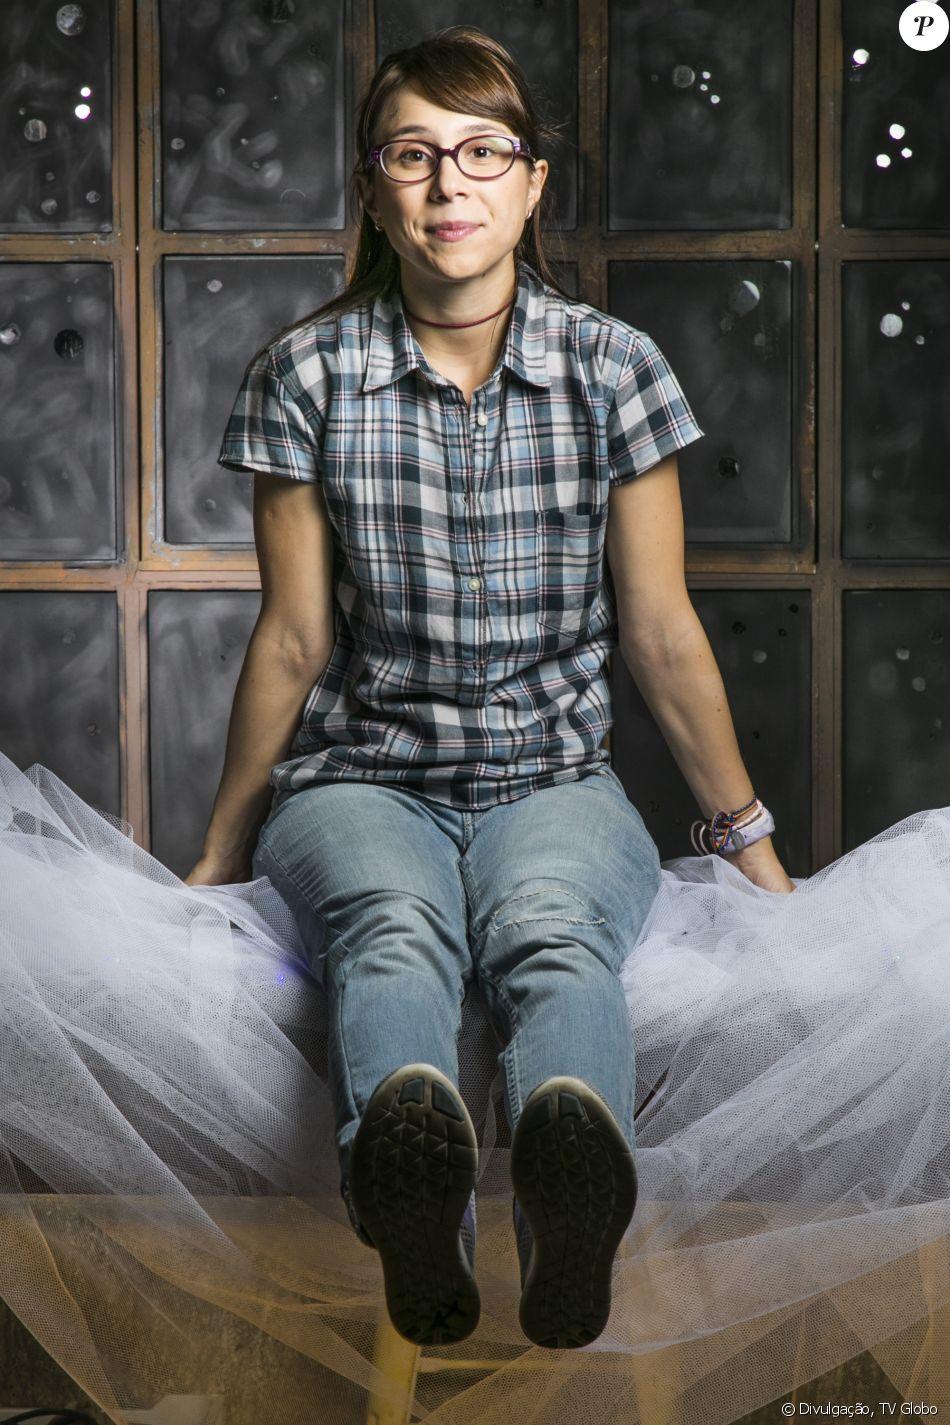 Na novela 'Malhação', Benê (Daphne Bozaski) é atingida por uma bomba colocada por Dogão (Giovanni Gallo) no Cora Carolina e pode ficar surda no capítulo que vai ao ar na quarta-feira, 22 de novembro de 2017